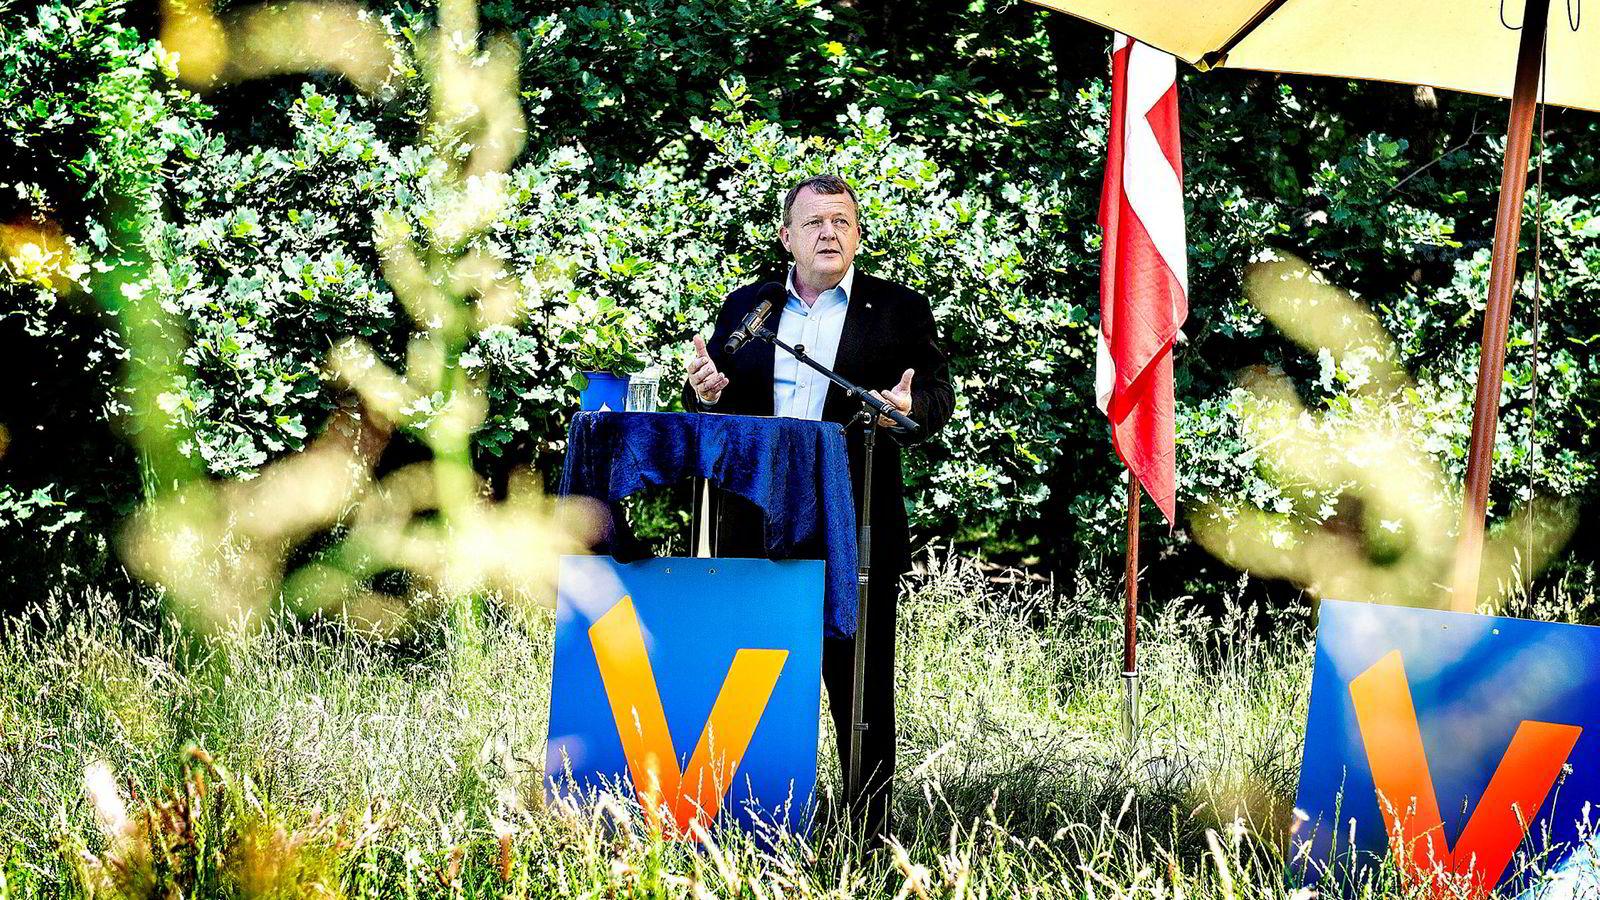 Danmarks statsminister Lars Løkke Rasmussen brukte nasjonaldagen tirsdag til å true migranter med opphold på et «ikke spesielt attraktivt sted». Foto: Henning Bagger/NTB Scanpix